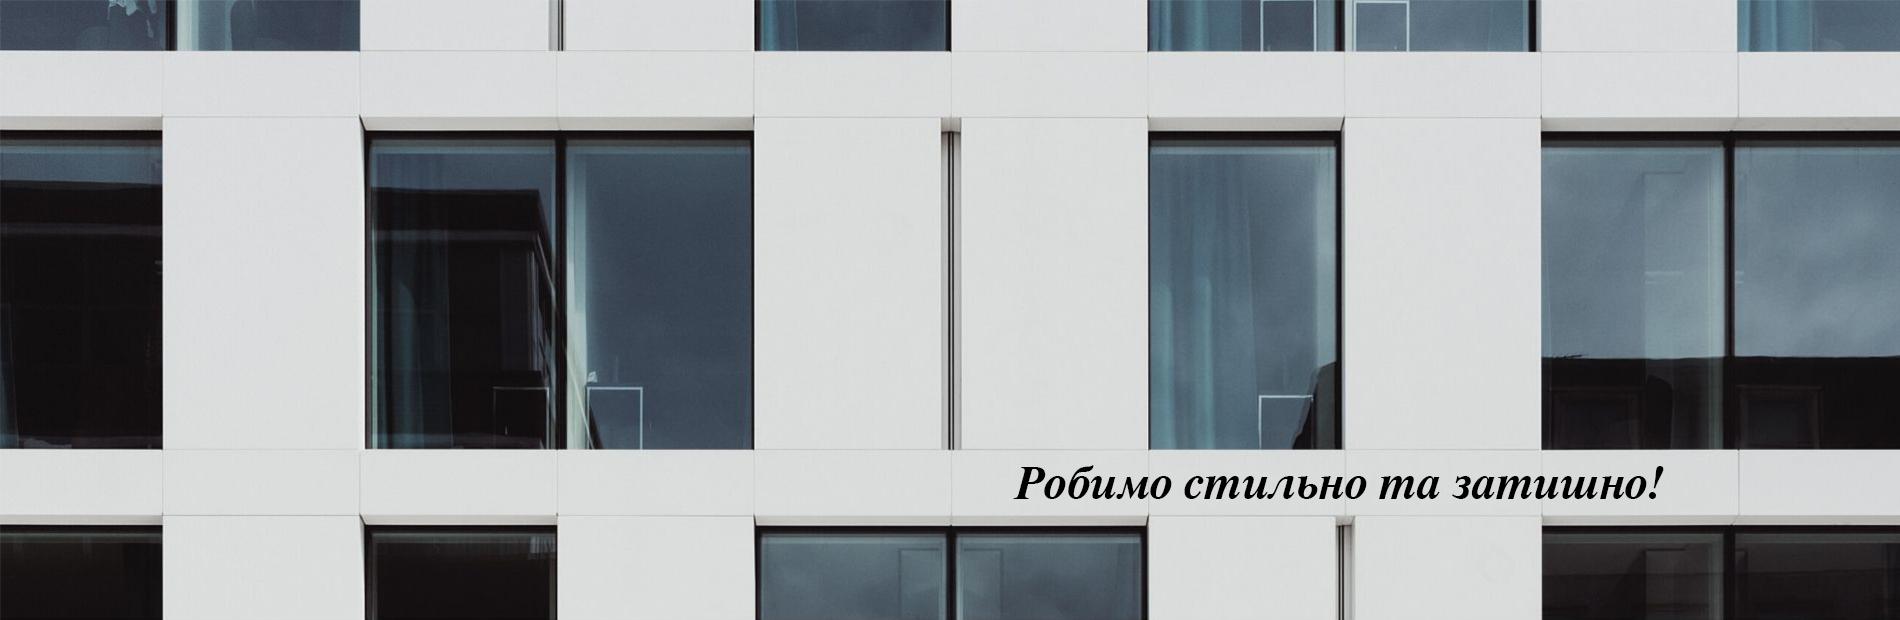 вікна металопластикові алюмінієві тернопіль львів іванофранківськ